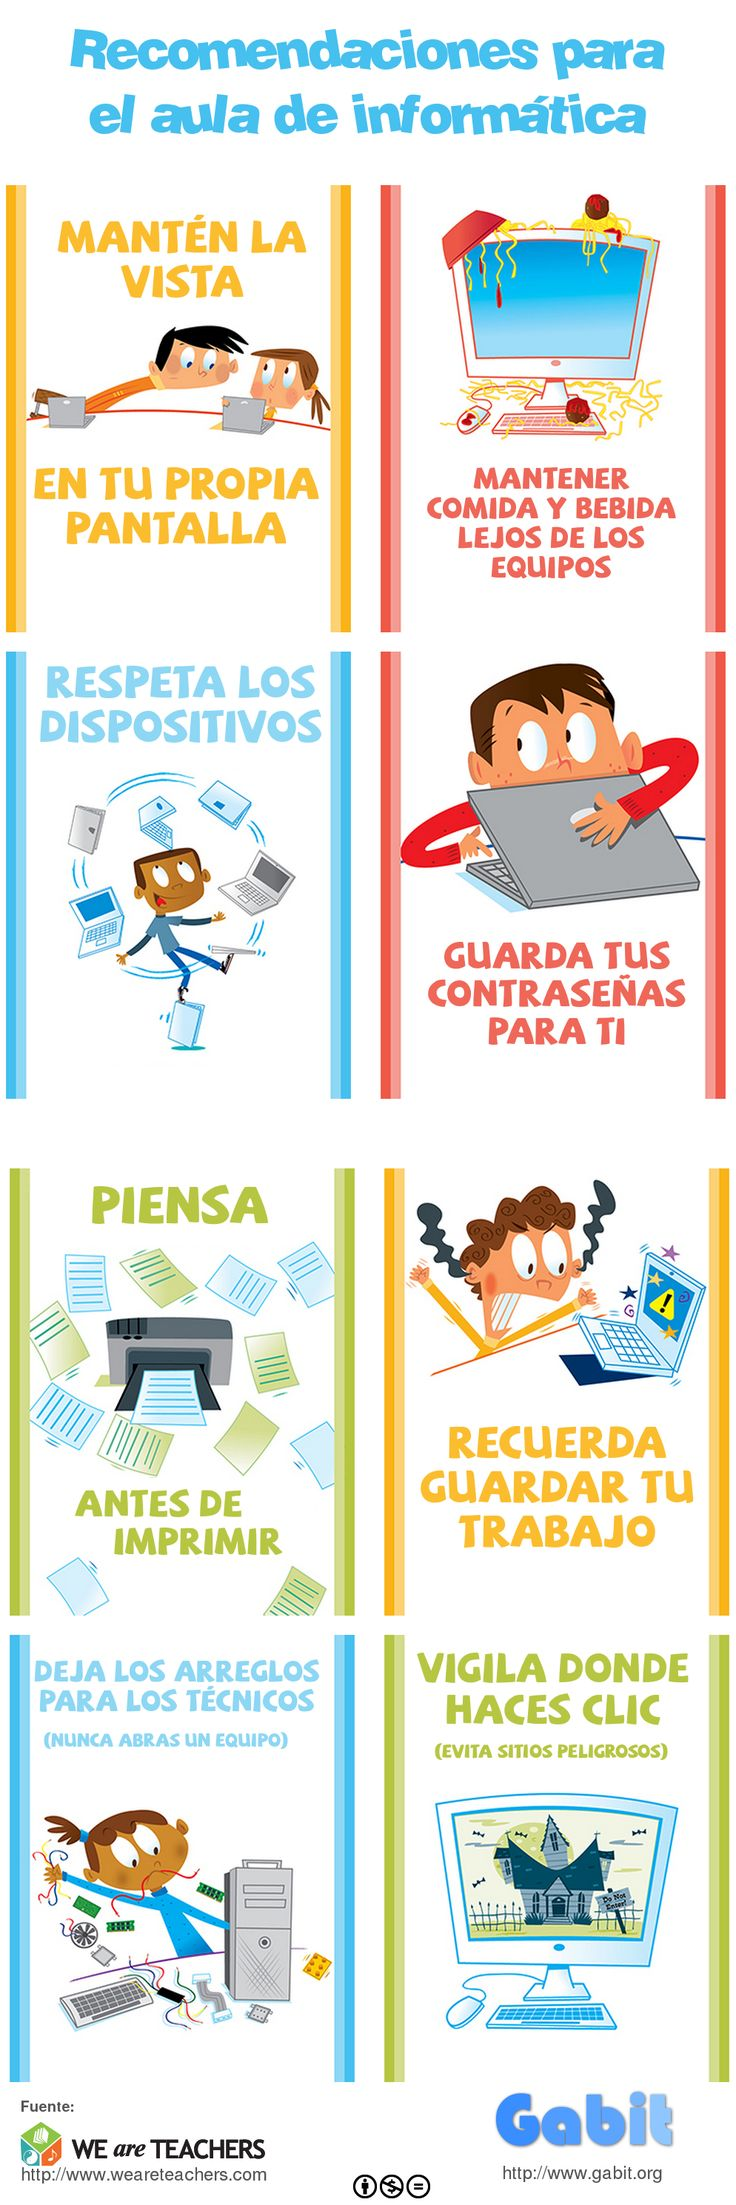 Infografía con recomendaciones diarias para el aula de informática